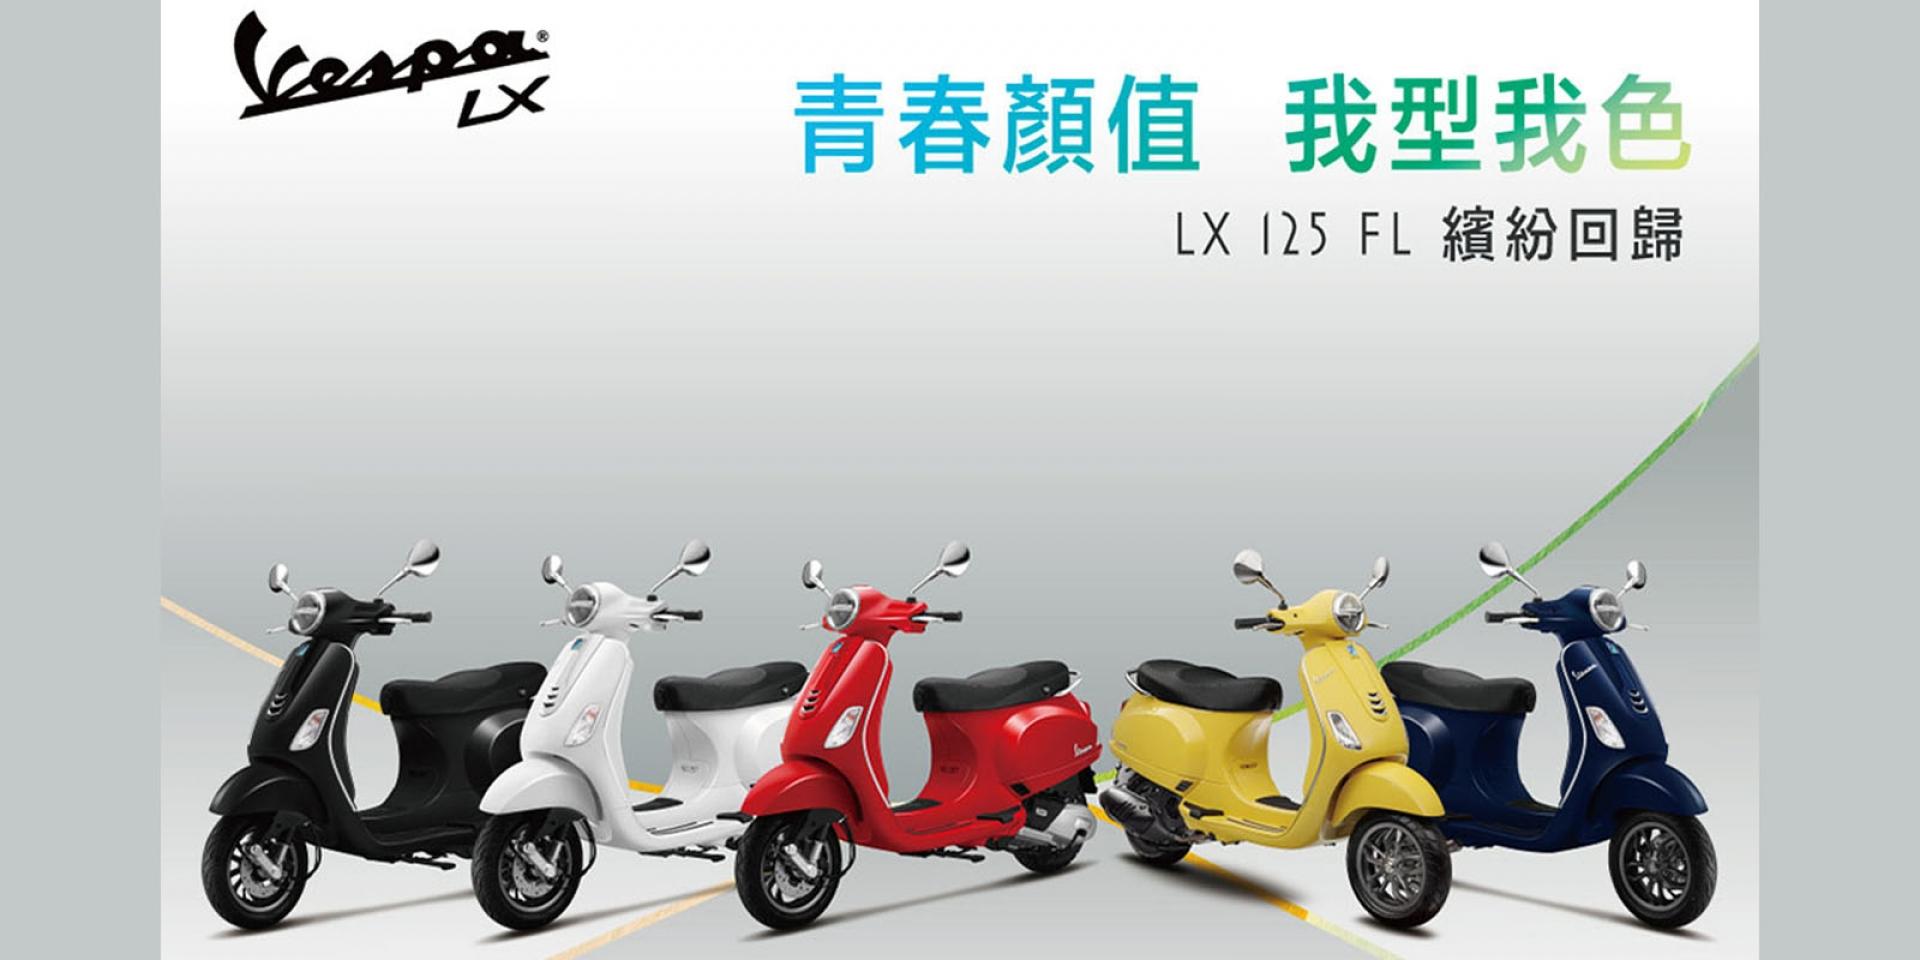 Vespa LX 125 i-get FL人氣色到齊 「消光黑」、「萊姆雪酪」繽紛回歸!